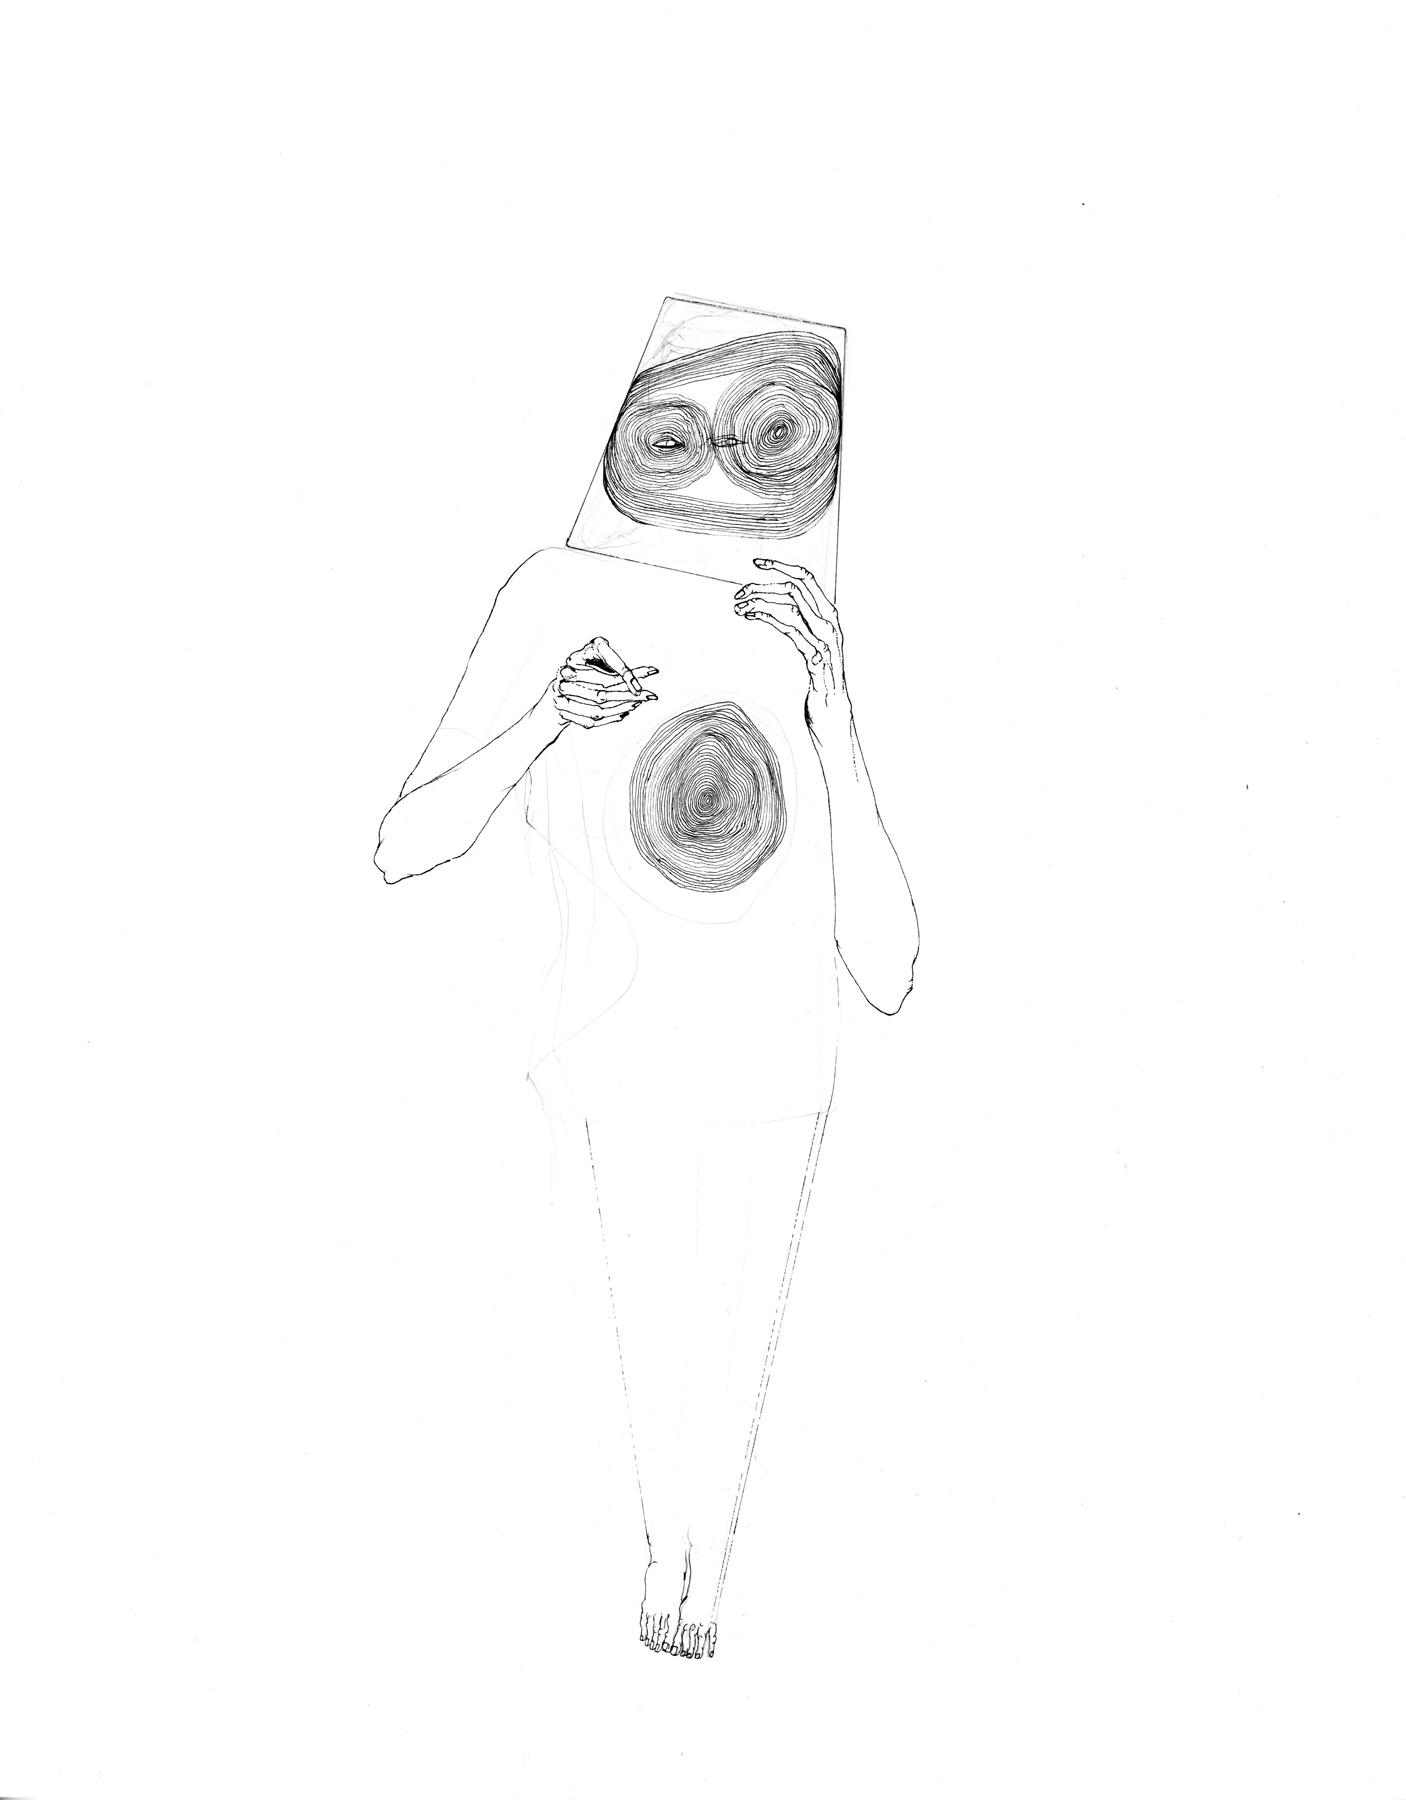 Nina Annabelle Märkl | Idol 2 | Tusche und Bleistift auf Papier | 35,5 x 28 cm | 2018